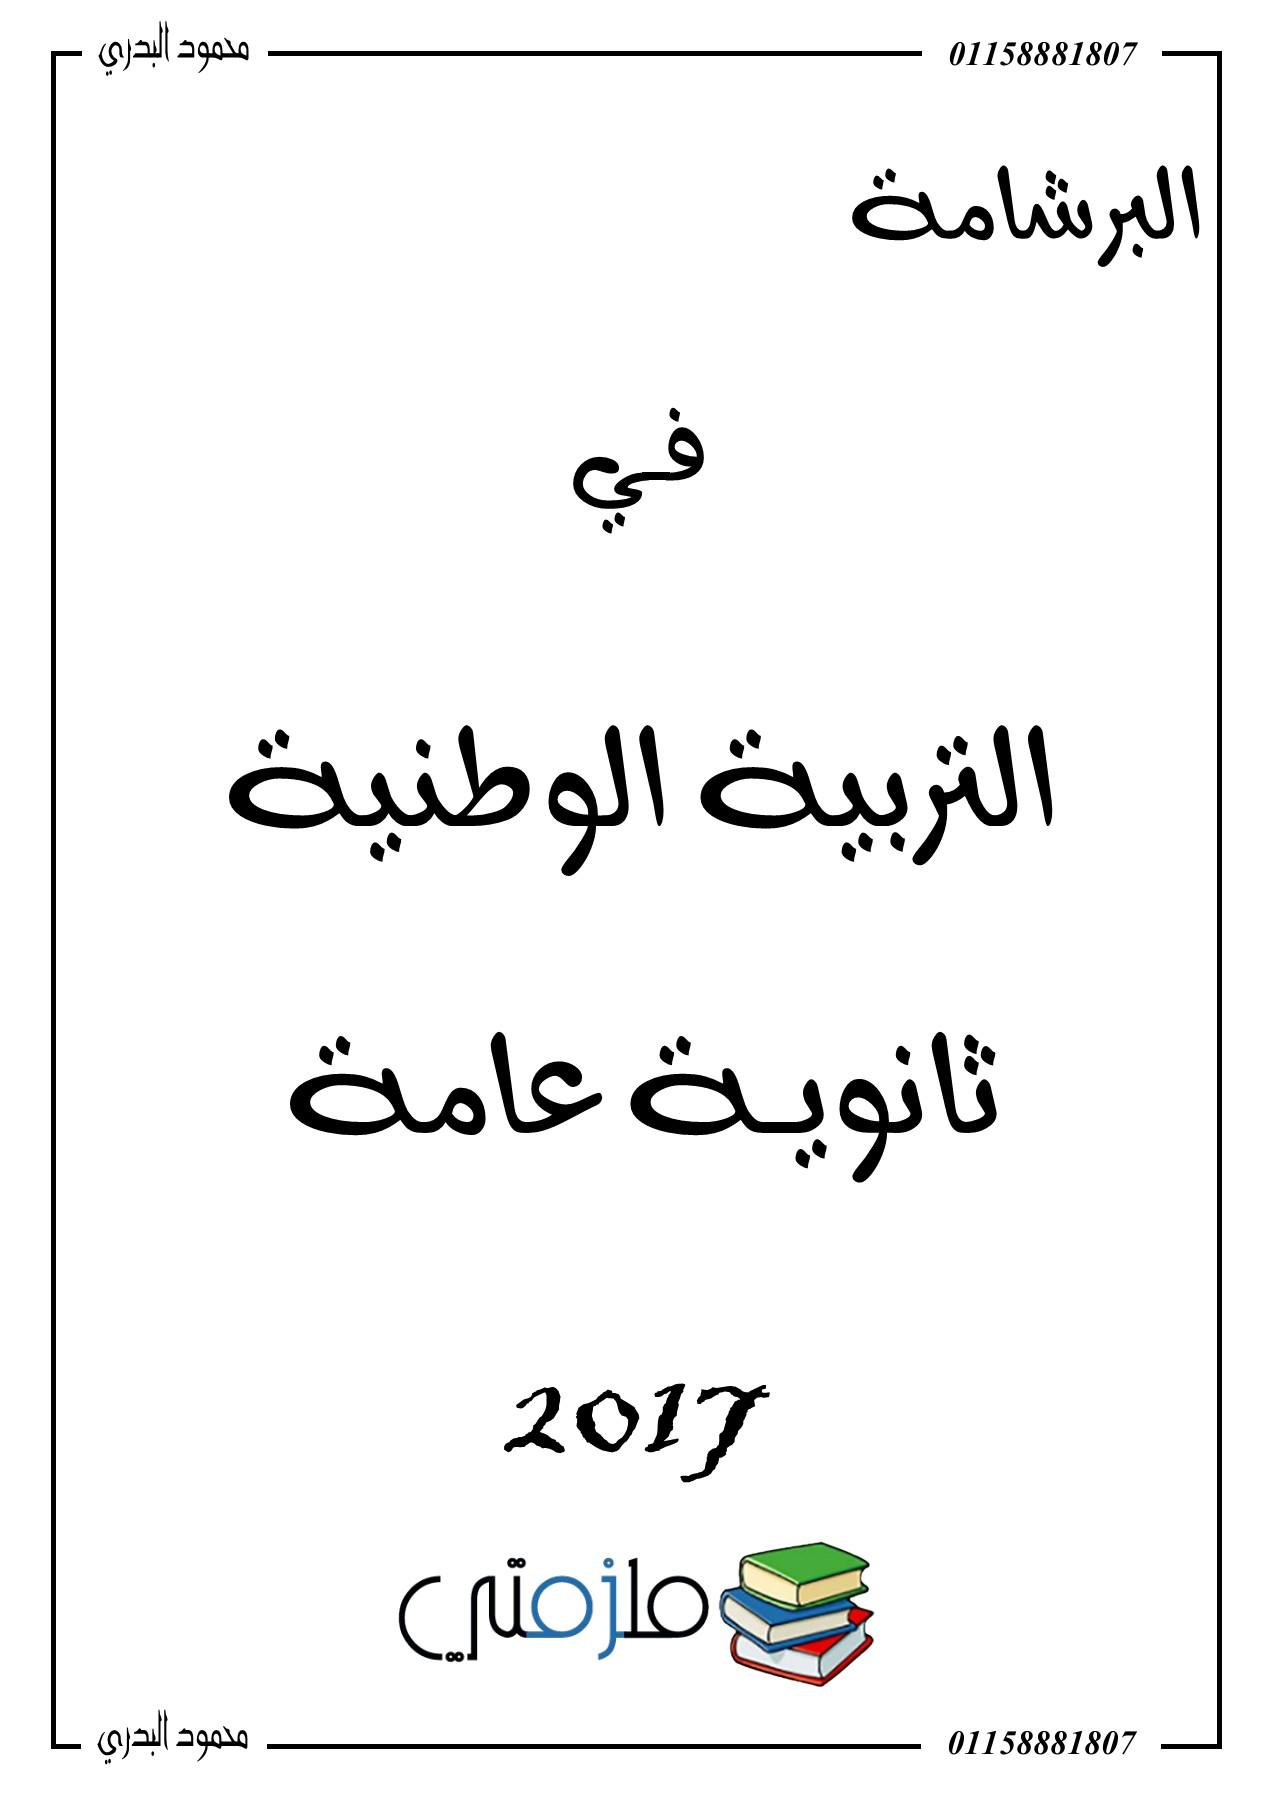 ملخص التربية الوطنية للصف الثالث الثانوى 2017 3 ورقات فقط